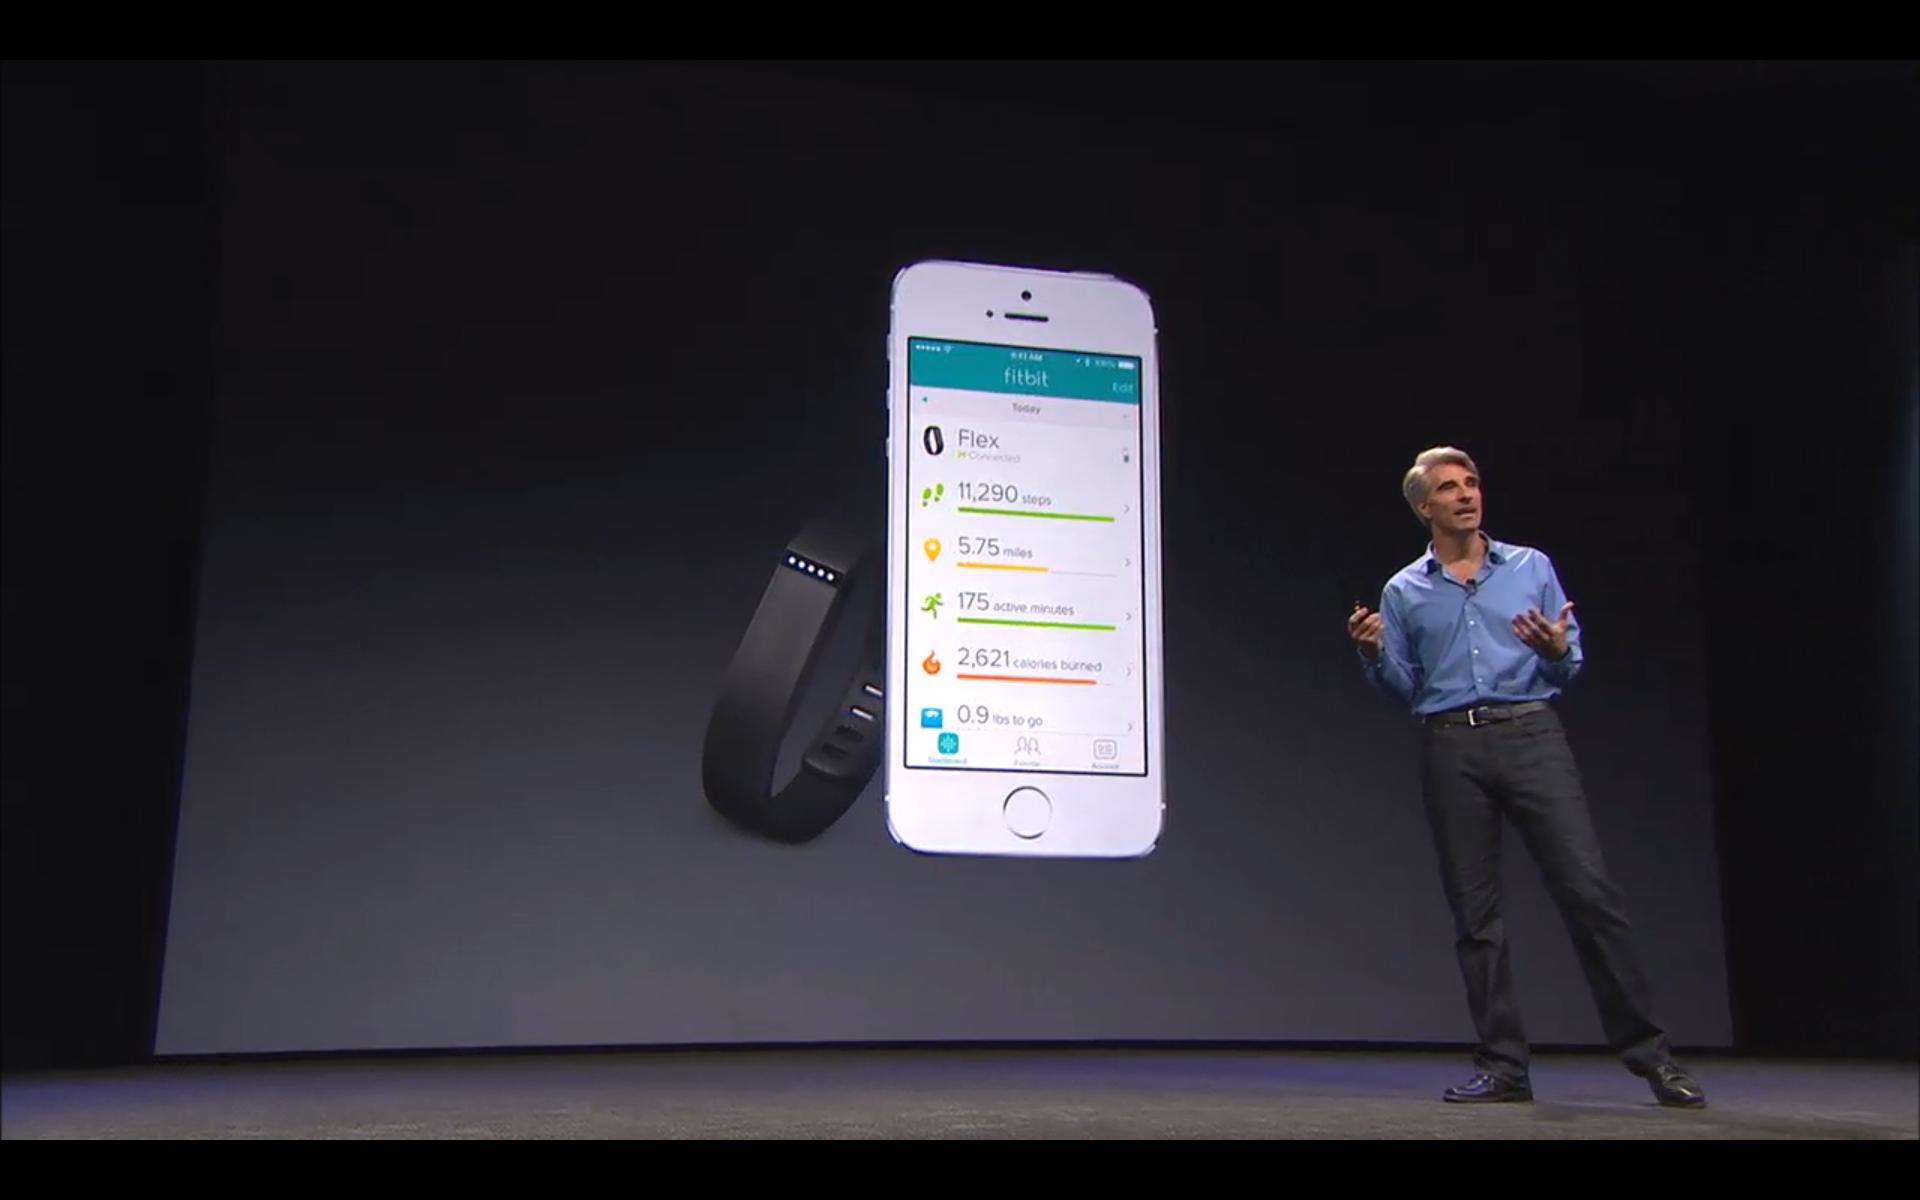 ¿Qué ha pasado desde la WWDC 2014 para que Fitbit decida no integrarse con HealtKit